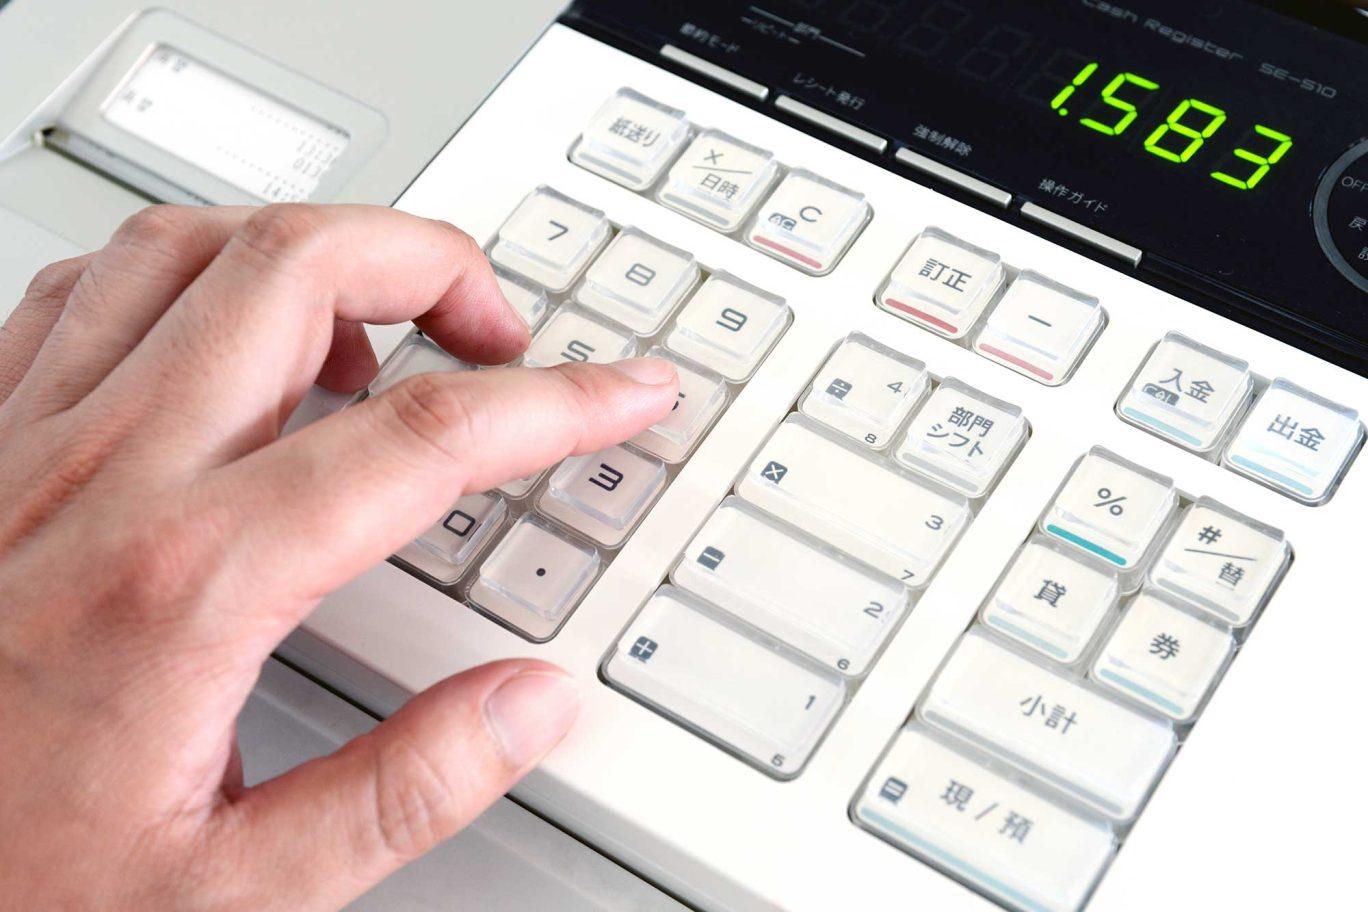 【軽減税率】軽減税率対策補助金の申請でレジ改修コストを減らす方法